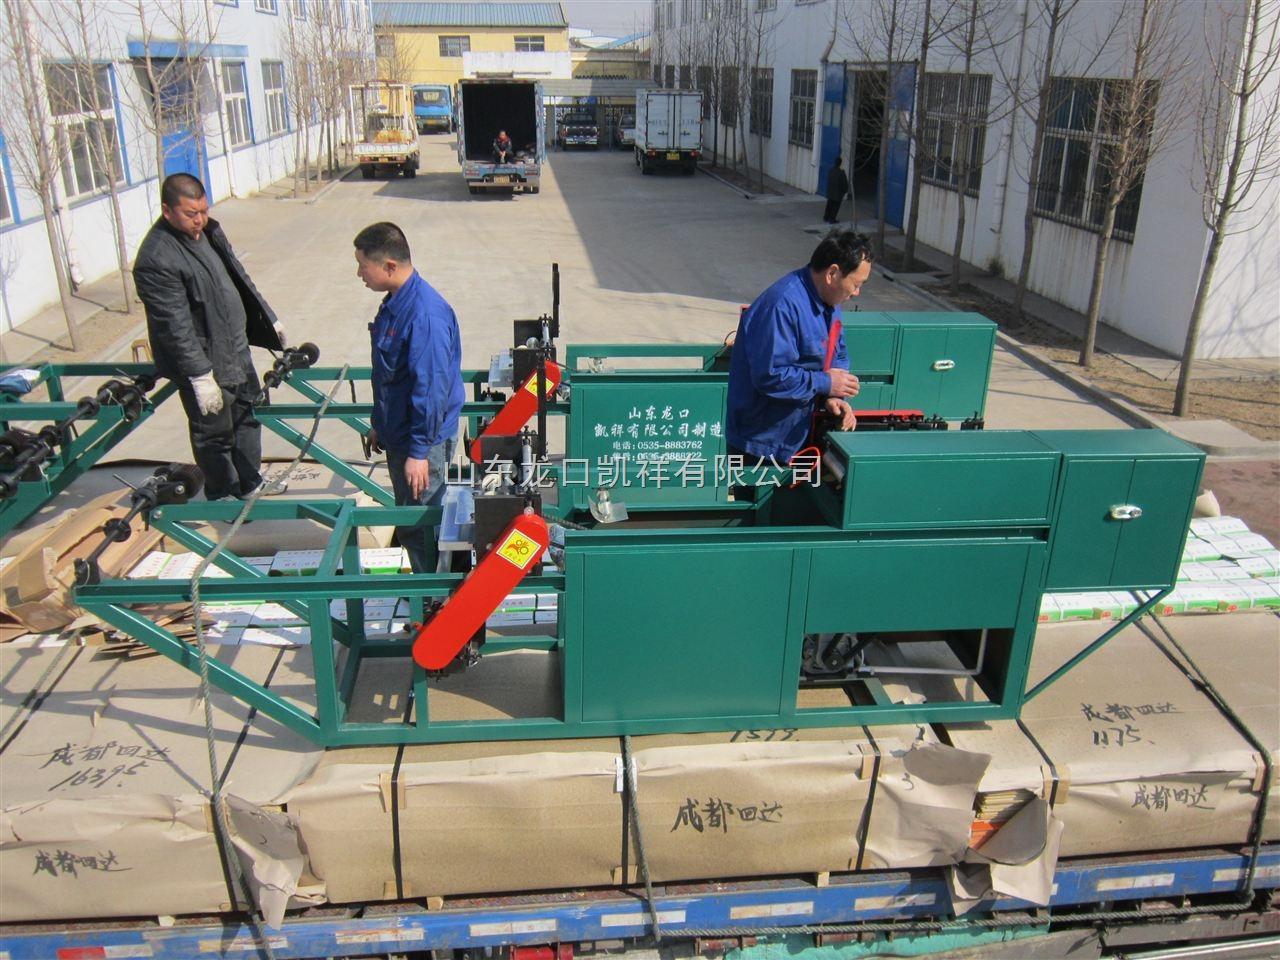 四川安岳柠檬套袋,柠檬套袋机,多功能自动柠檬套袋机厂家